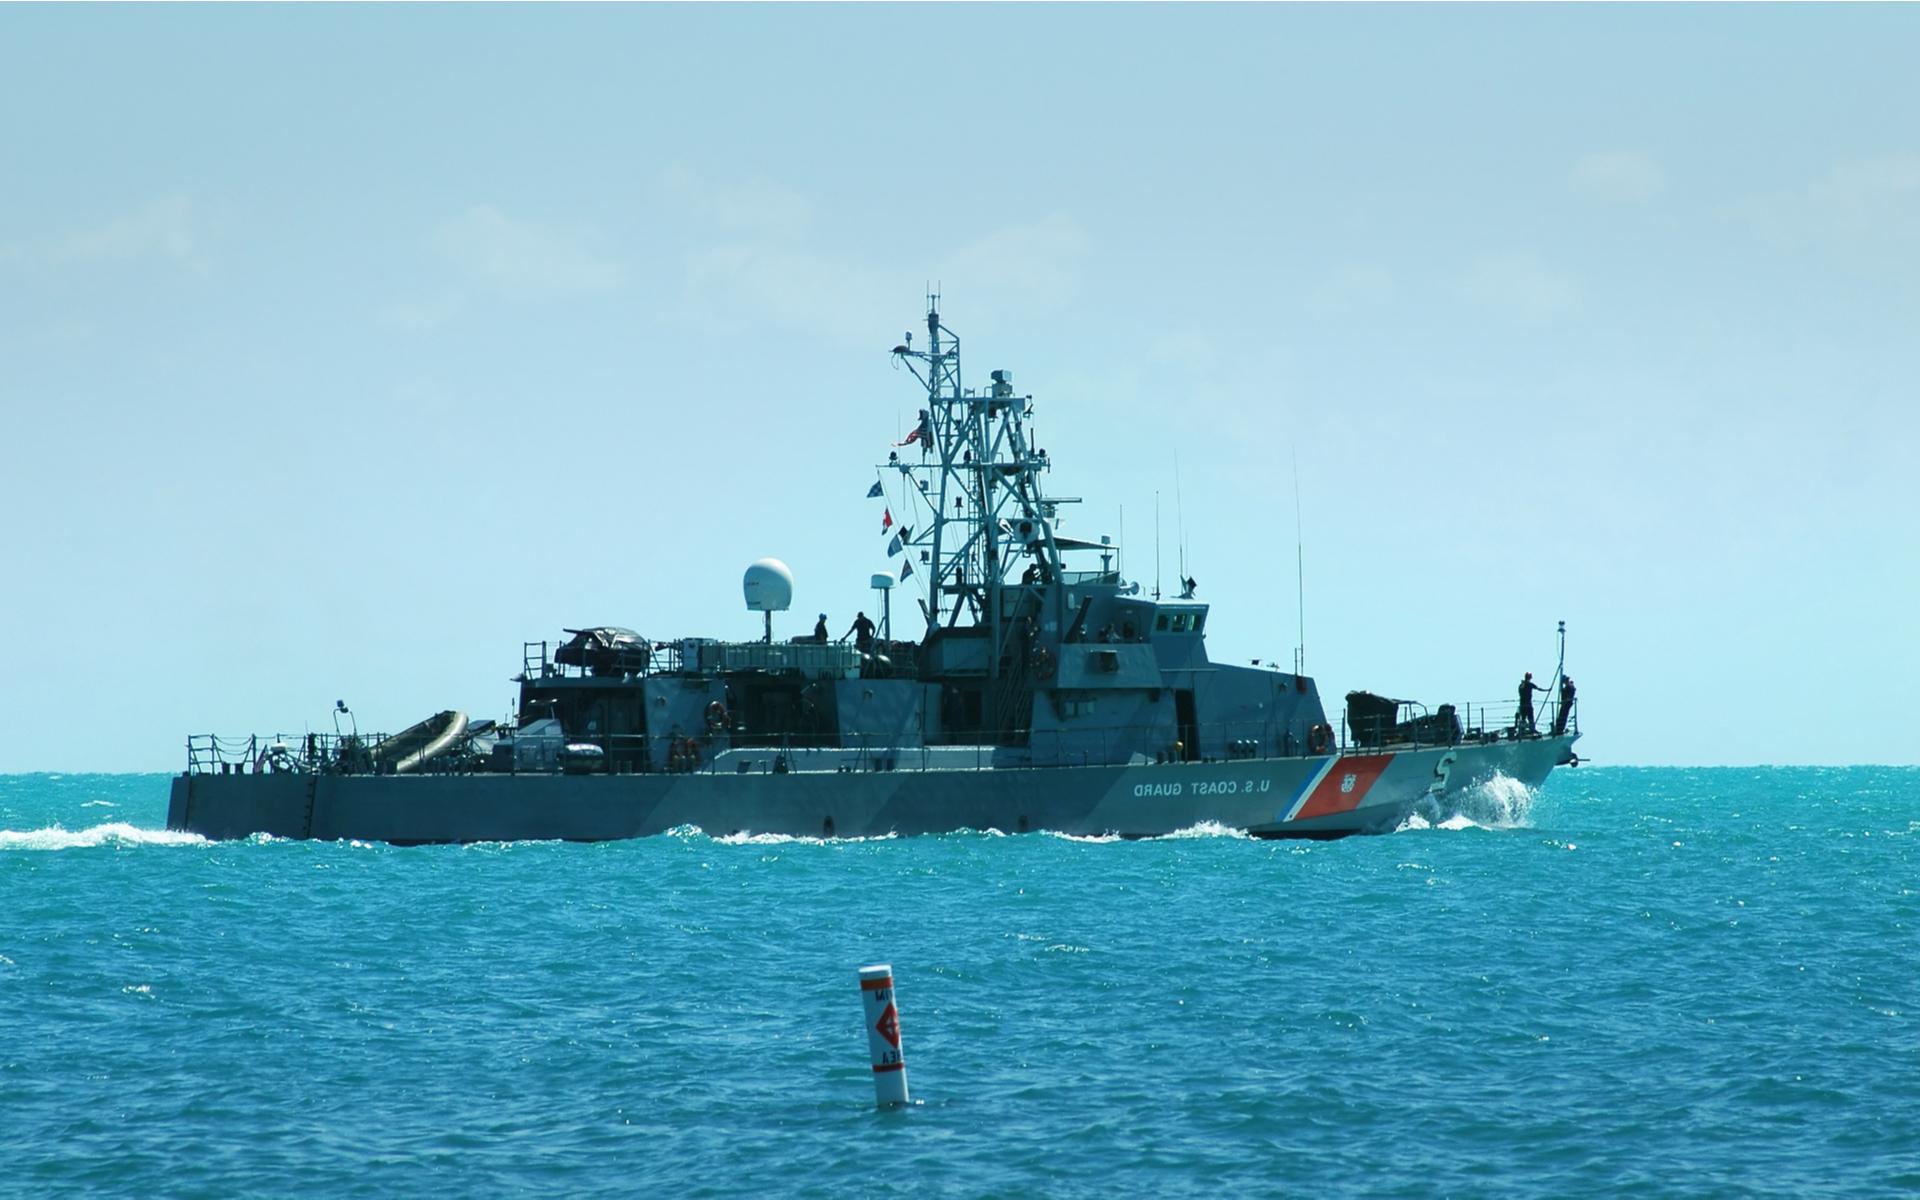 U.S Coast Guard Attacked by New Crypto-Locking Ransomware